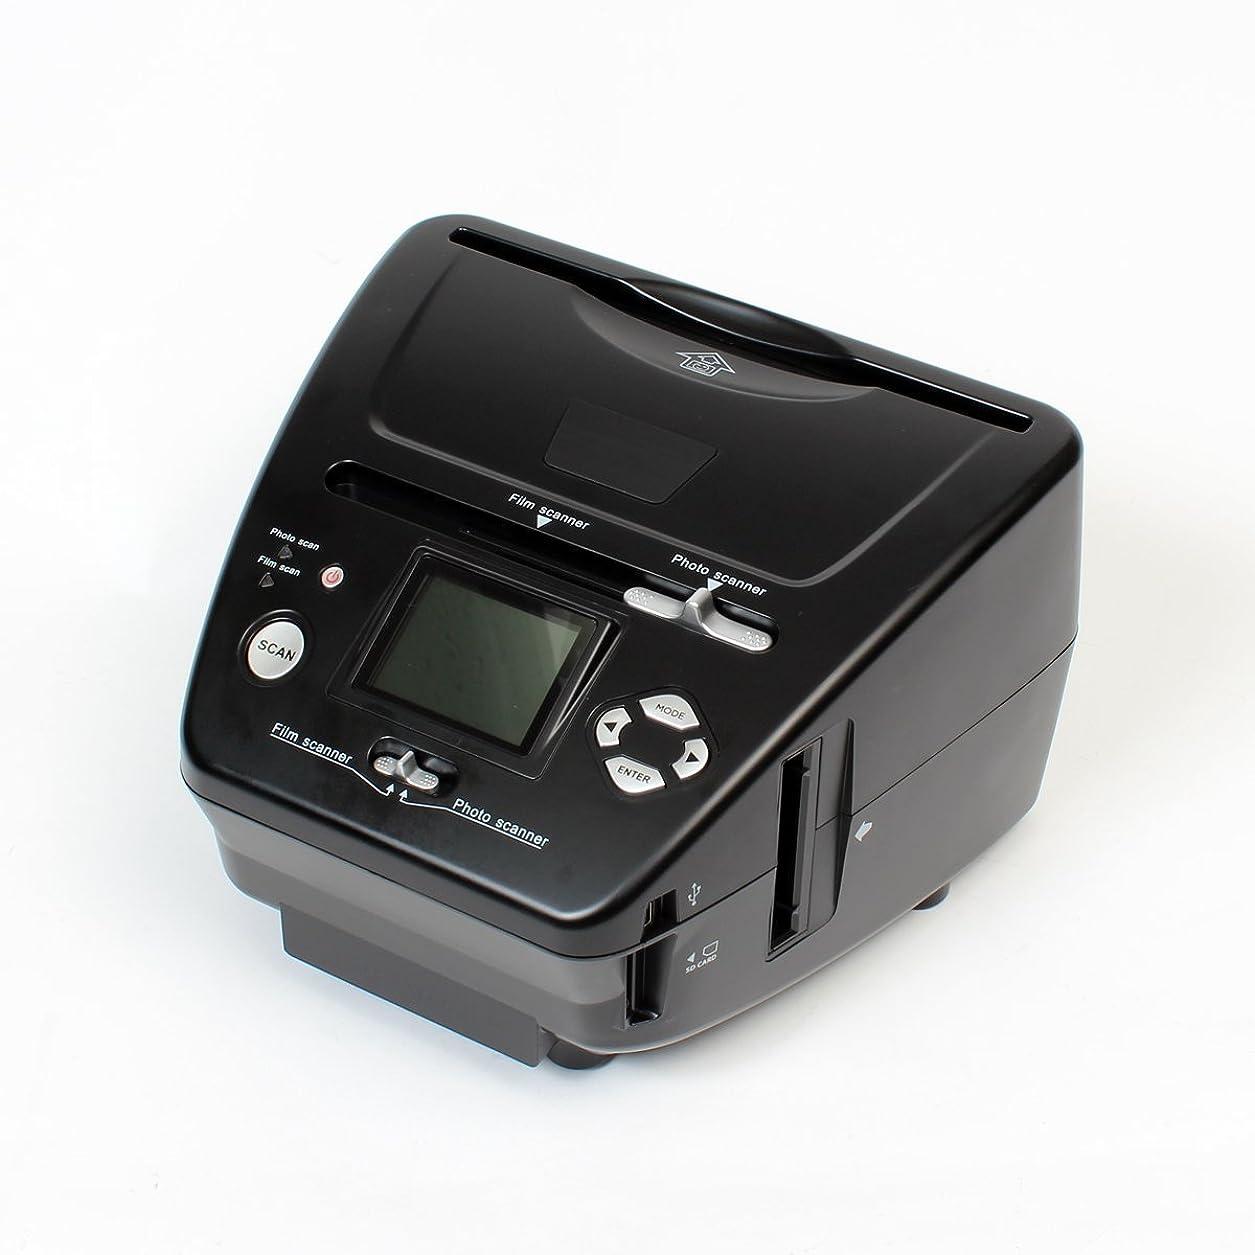 微生物非効率的な少数サンコー 【ネガフィルムや紙焼き写真をデジタル保存できる】USBフィルムスキャナー PS9700 USPS97BK <33637>